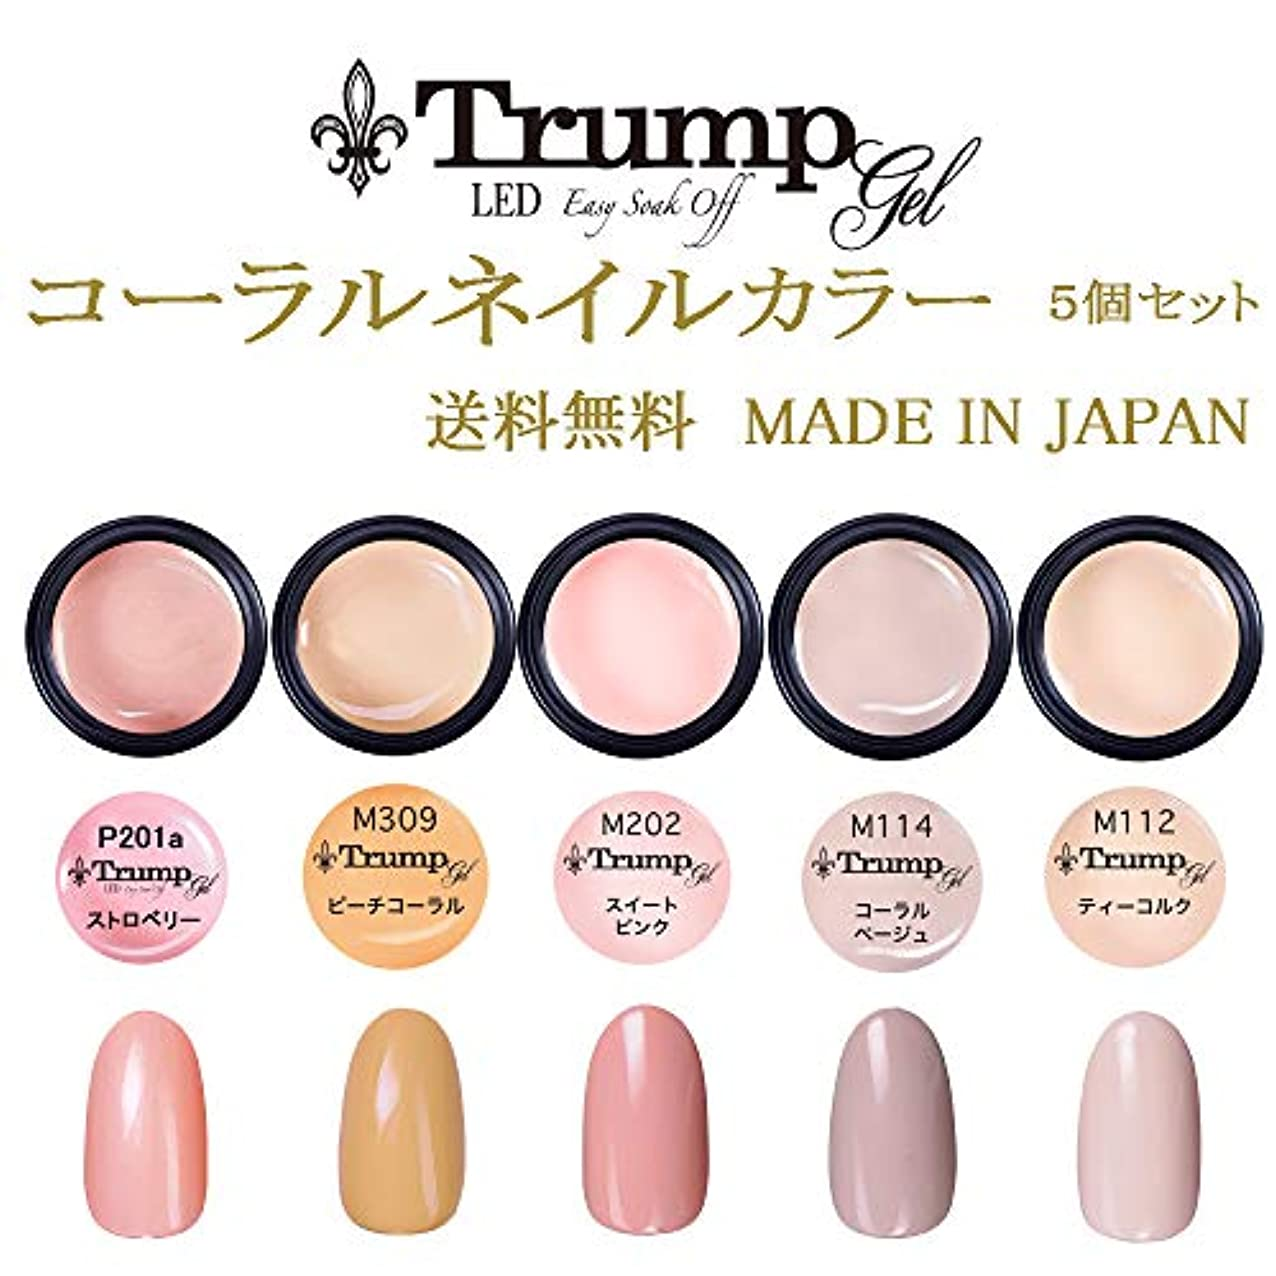 統合黒人前者【送料無料】日本製 Trump gel トランプジェル コーラルネイル カラージェル 5個セット 明るくて可愛い コーラルネイルカラージェルセット